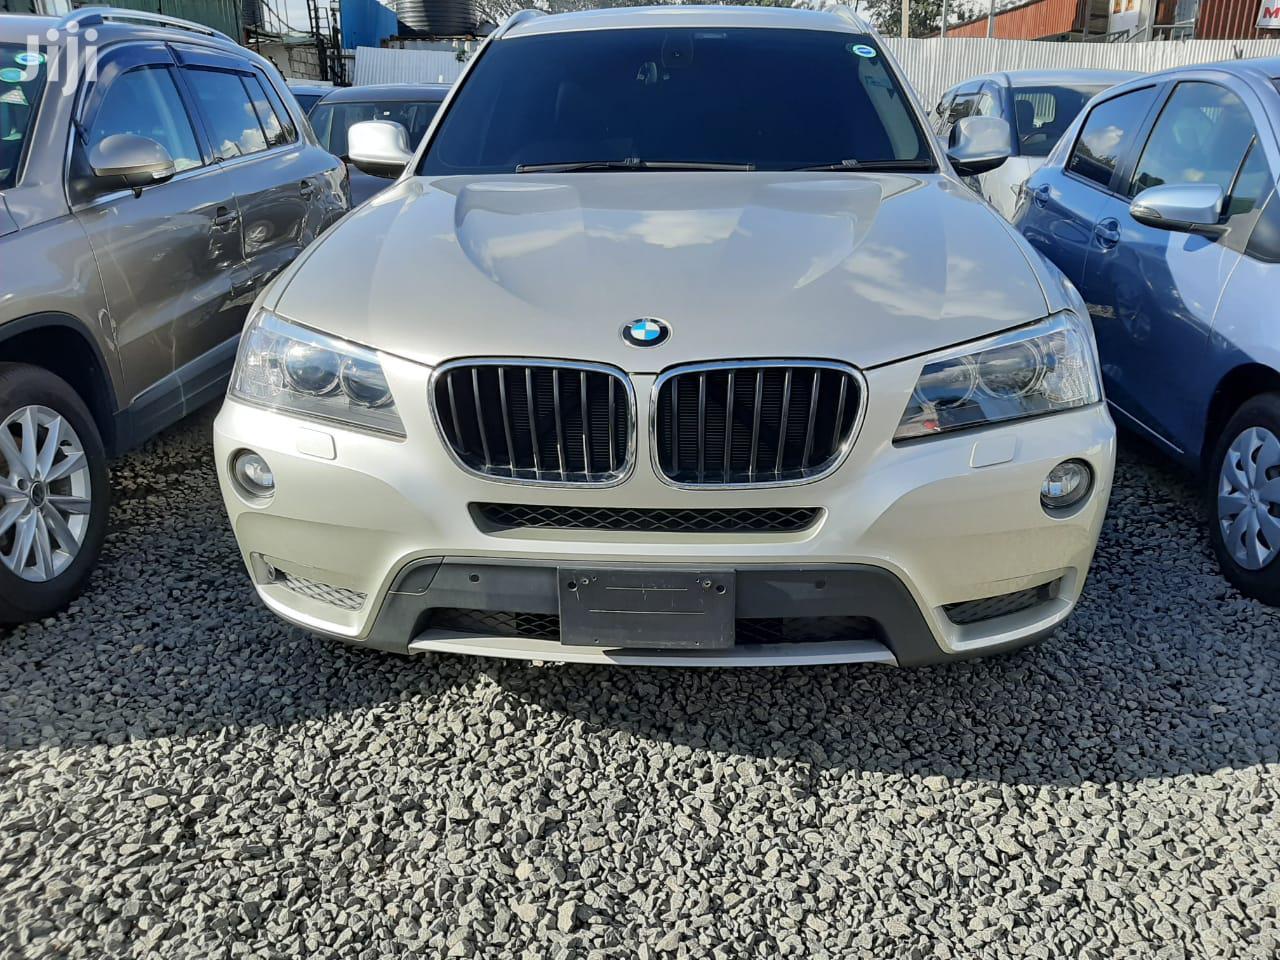 New BMW X3 2012 xDrive20d Beige   Cars for sale in Kilimani, Nairobi, Kenya